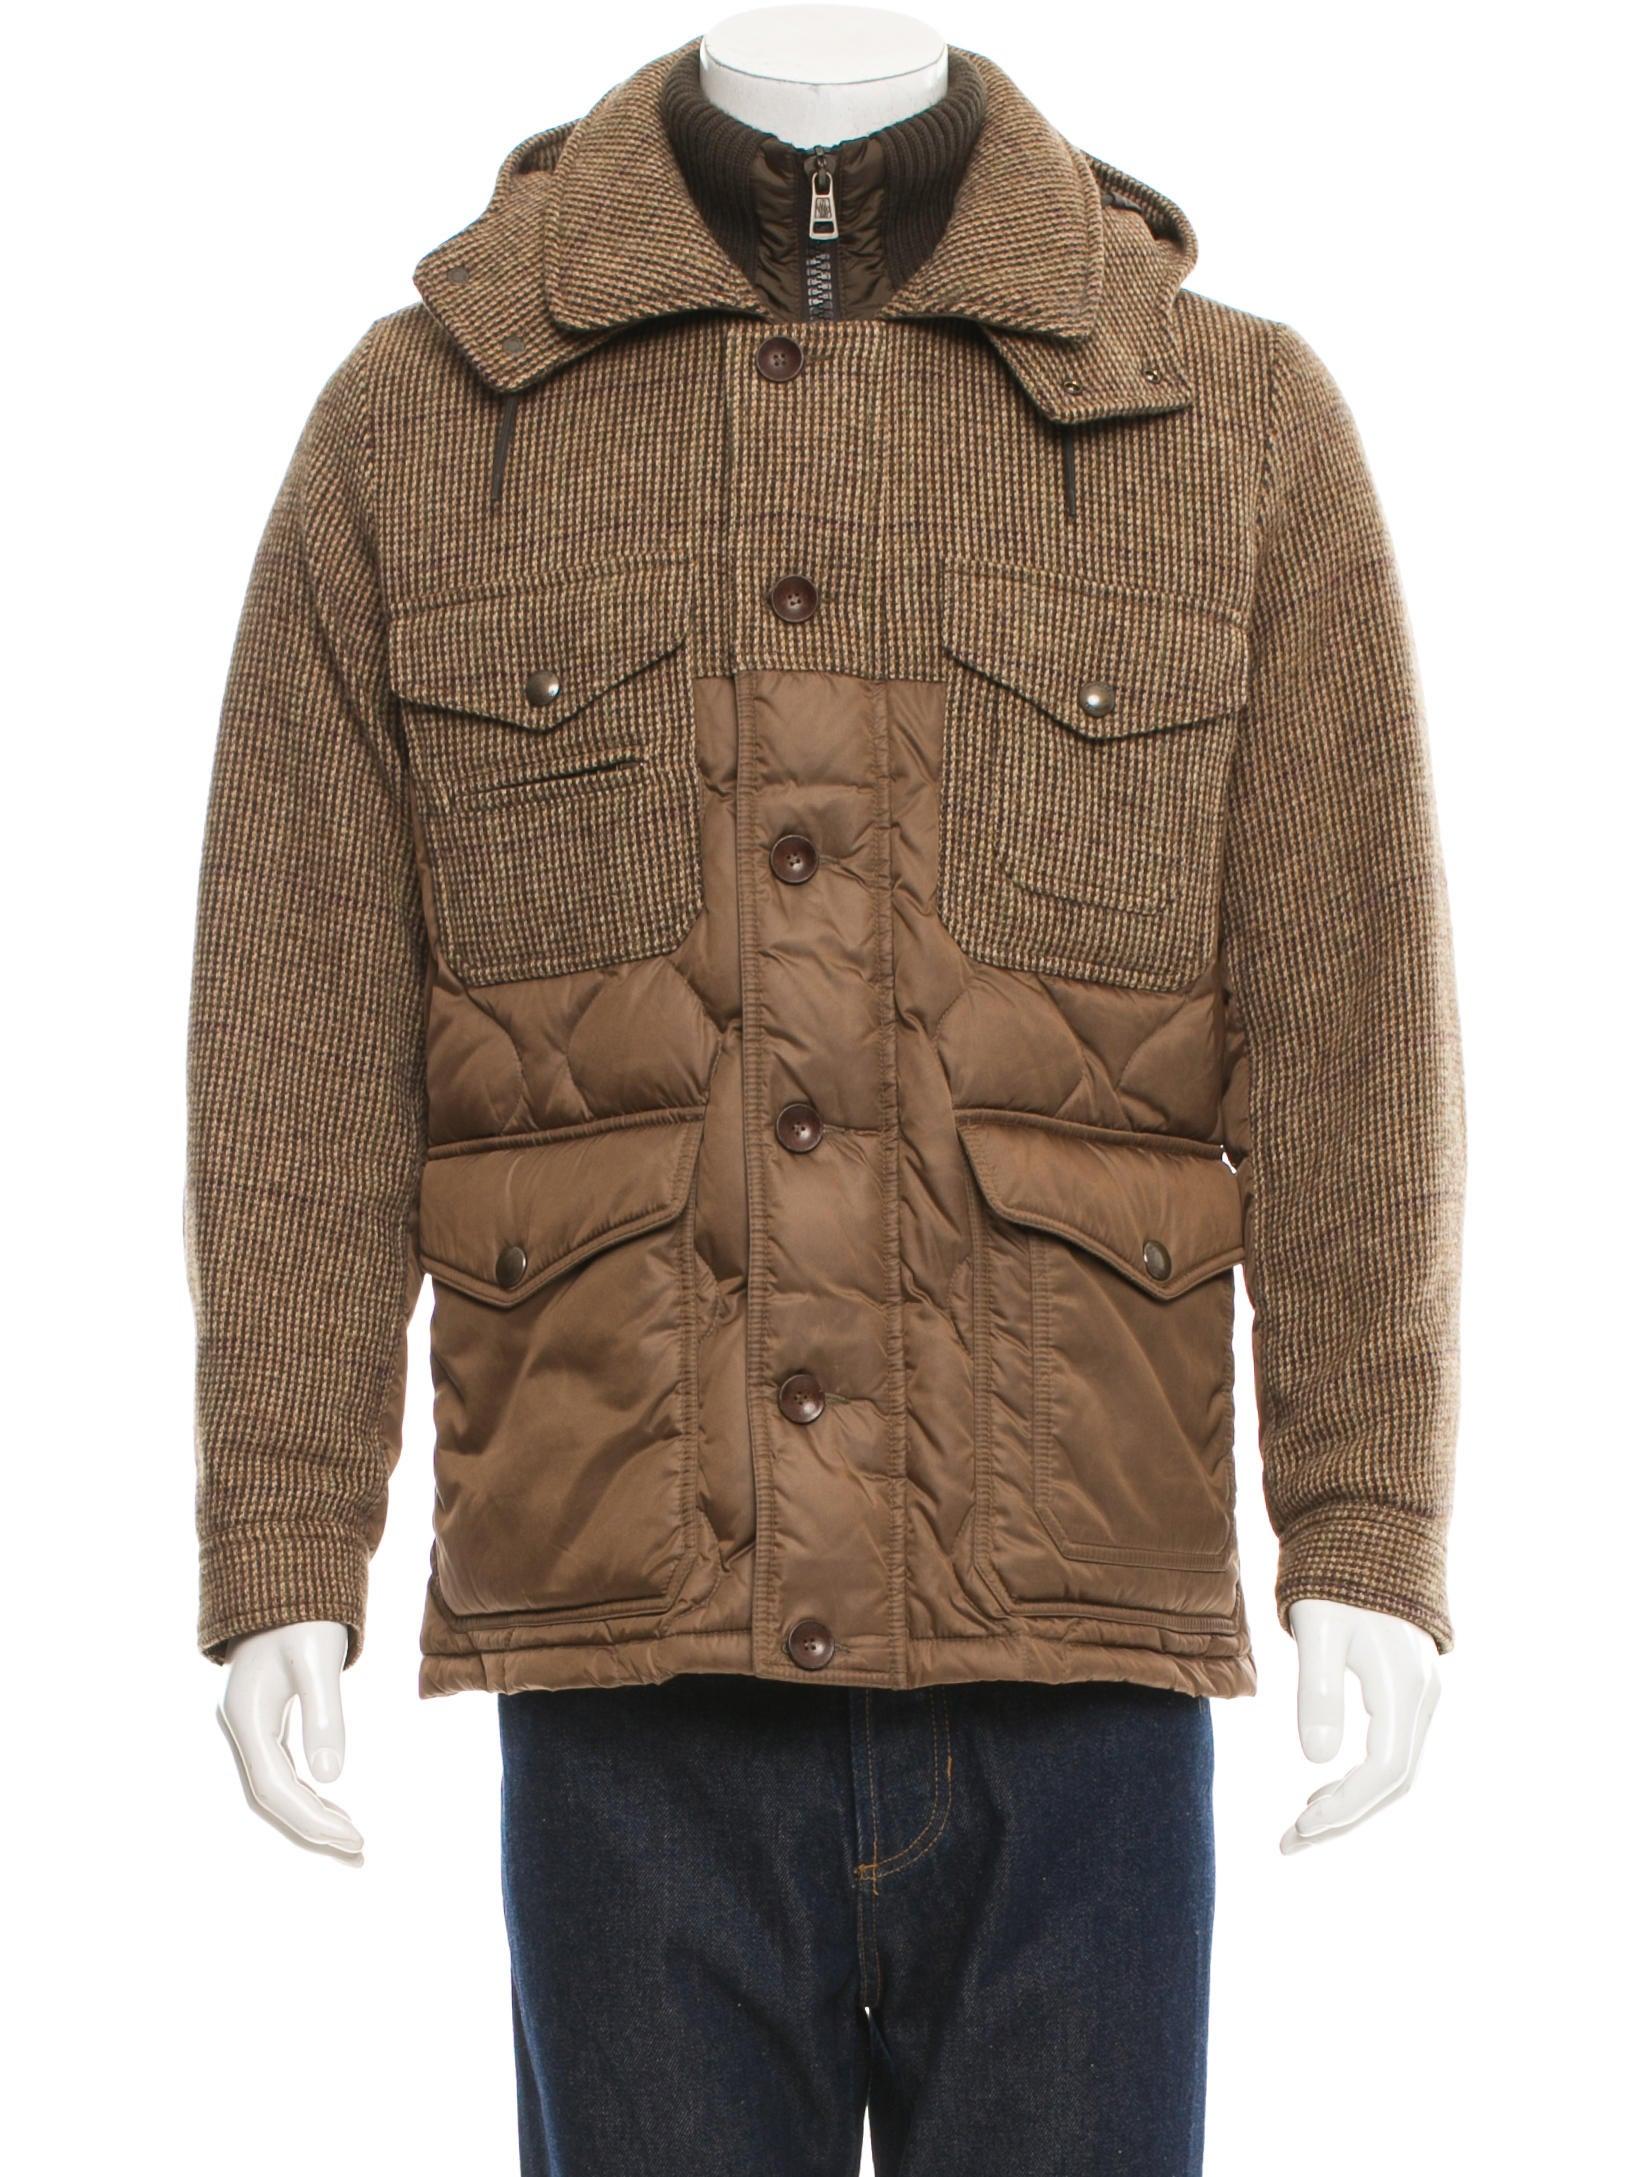 moncler olivier jacket